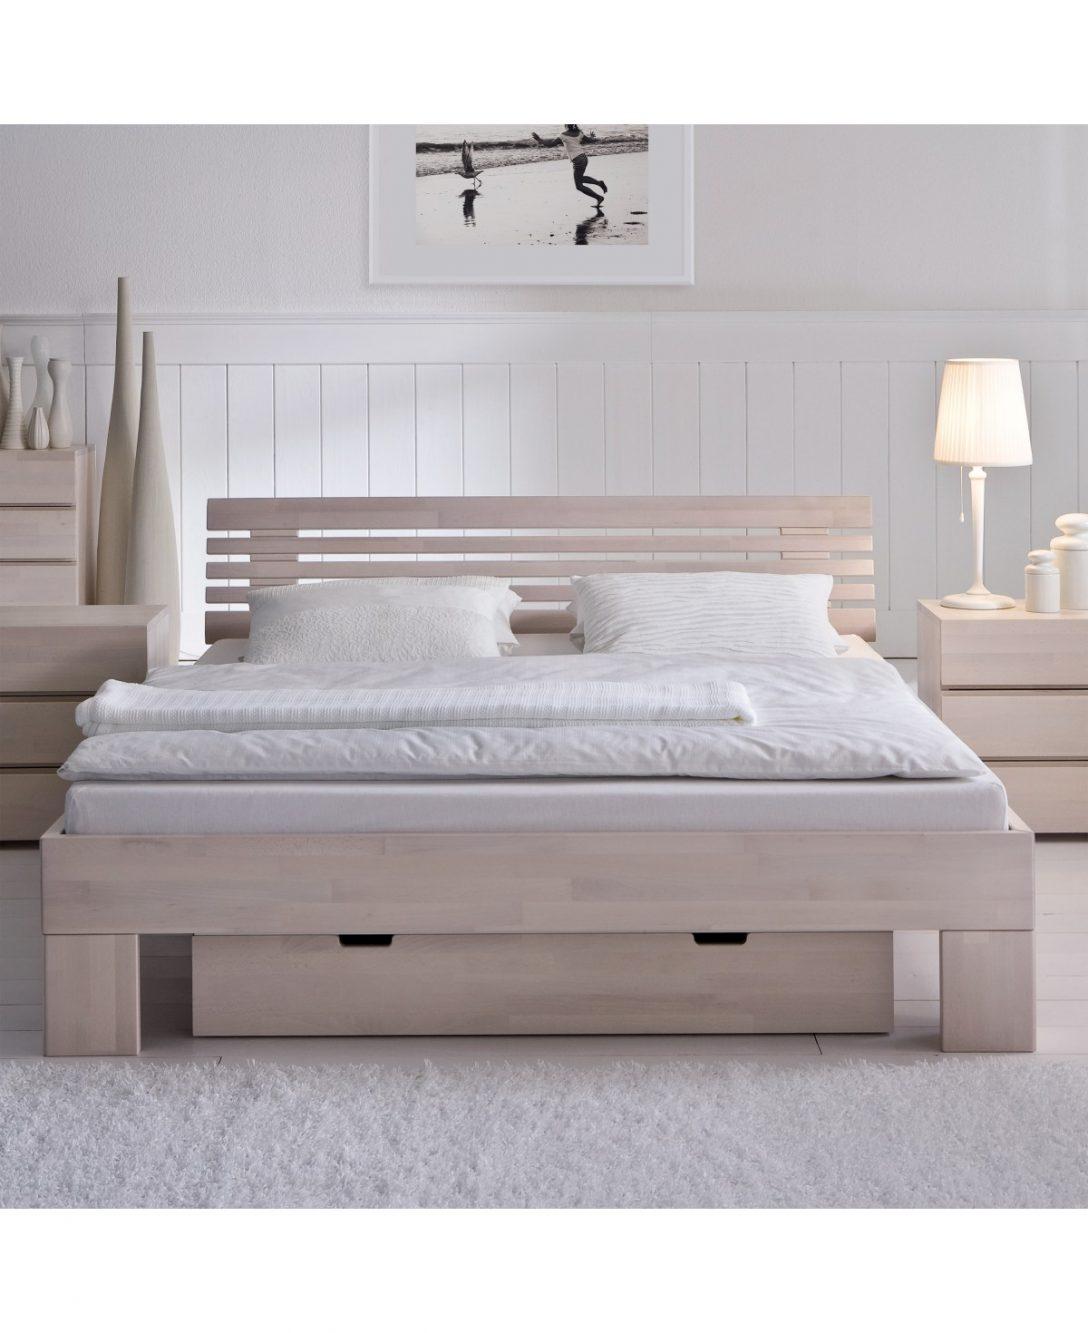 Large Size of Bett 160x220 Hasena Wood Line Buche Wei Kopfteil Litto Fe Massa 20 Bette Floor Jugendzimmer Weiß 120x200 Aus Paletten Kaufen Betten Test Bopita überlänge Bett Bett 160x220